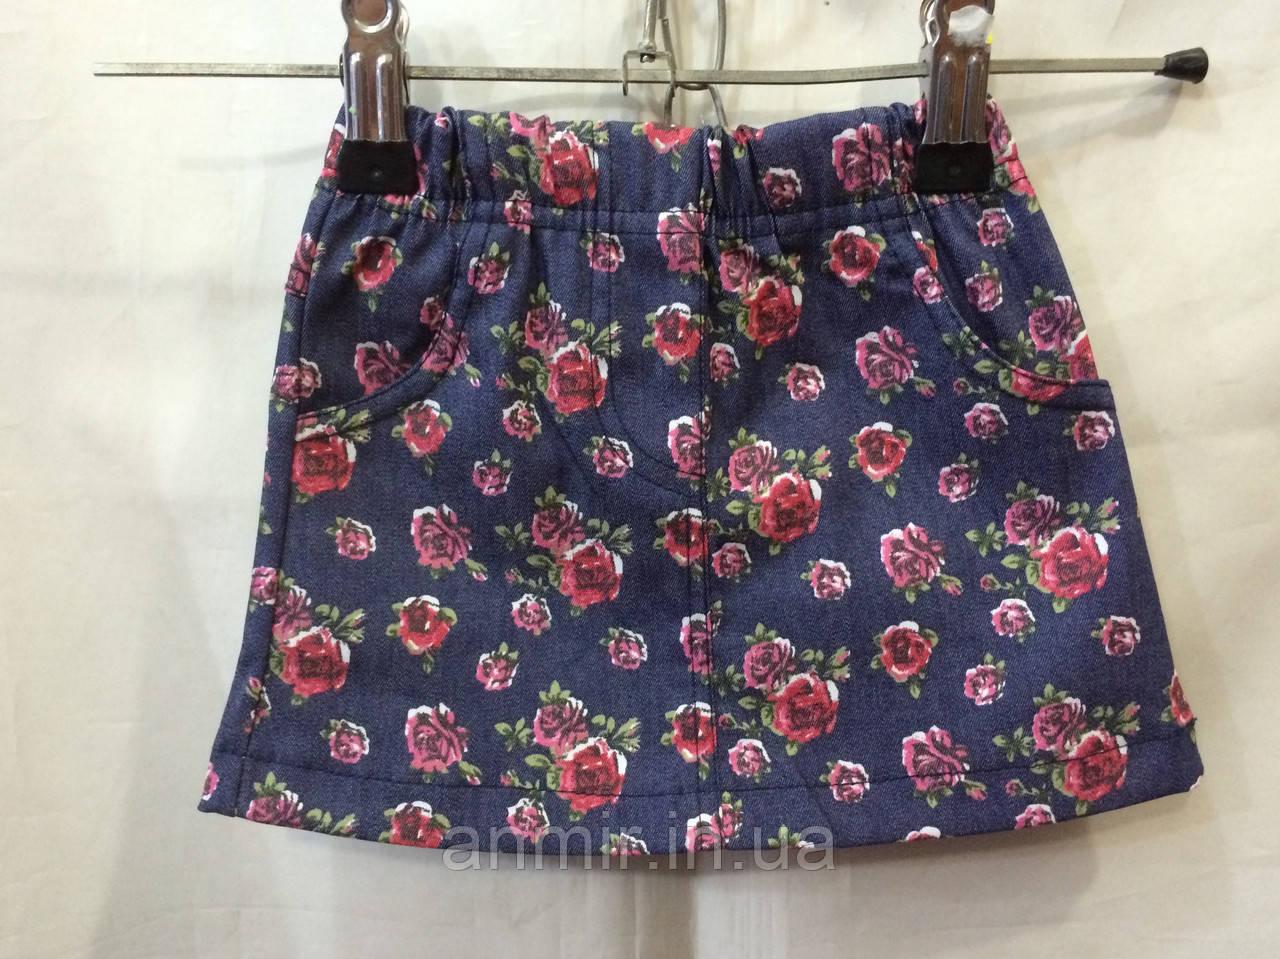 Детская коттоновая юбка Розочки для девочки 2-6 лет,темно синяя, фото 1